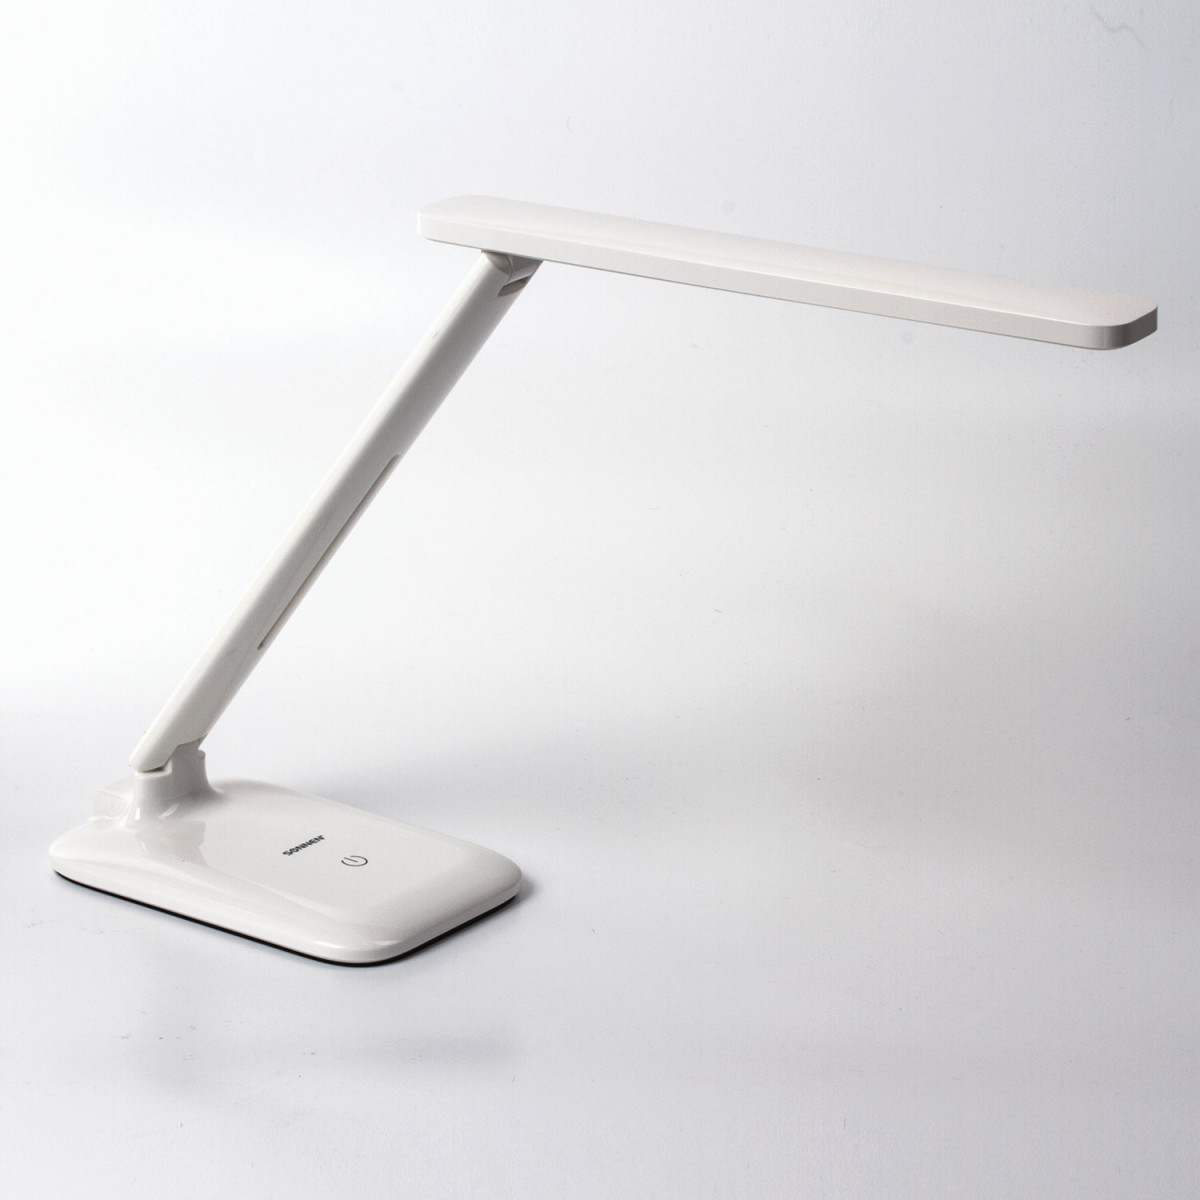 Светильник настольный SONNEN BR-889, на подставке, светодиодный, 8 Вт, белый, 236662 (арт. 236662)